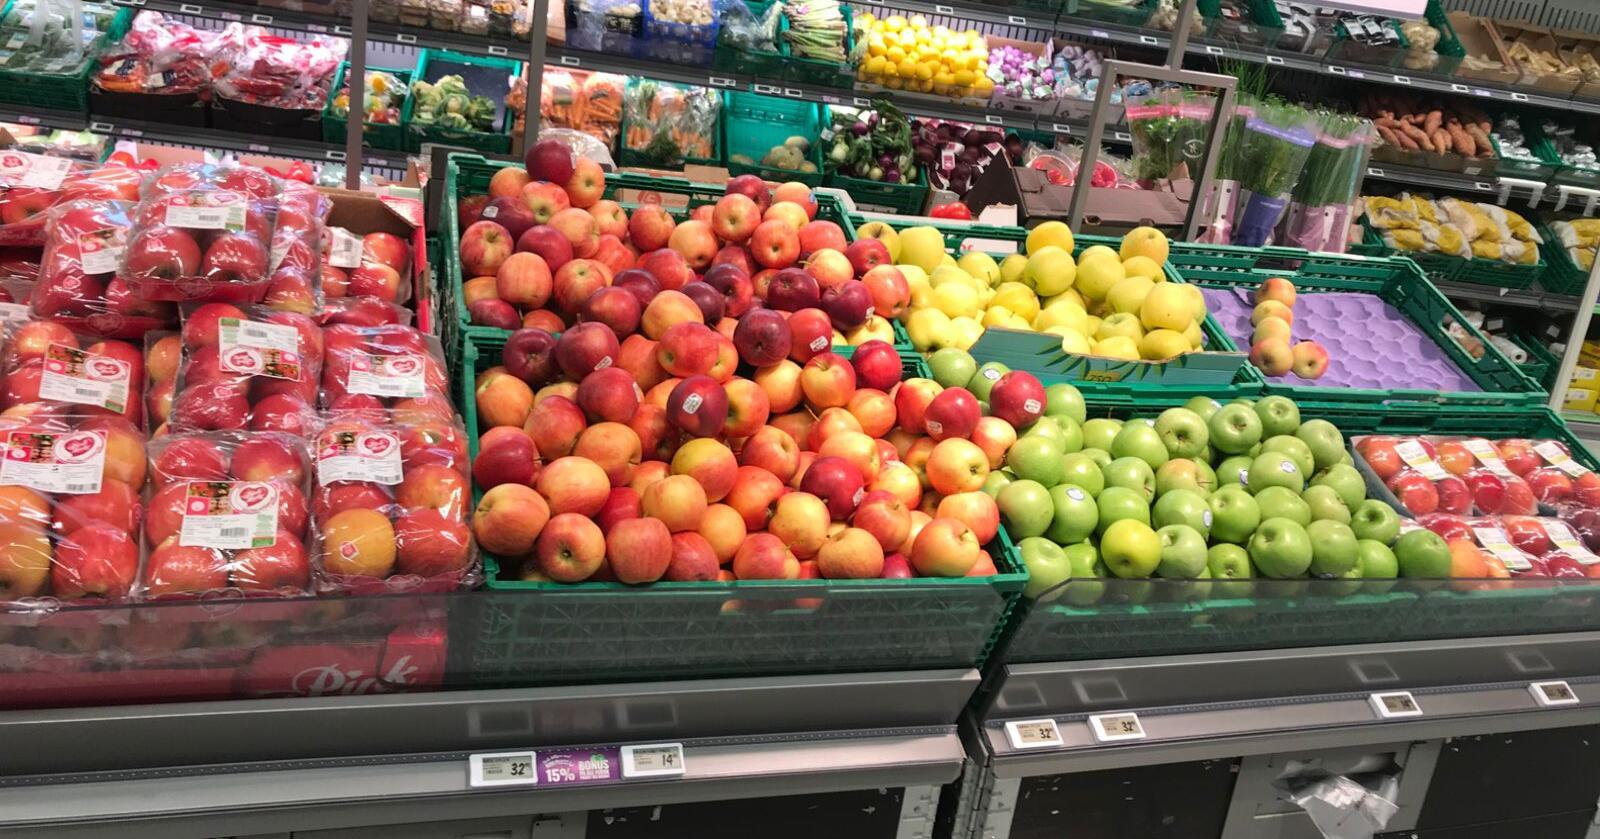 - Vi vil gjøre alt vi kan for at det skal bli et bedre salg enn noen gang for norsk frukt, bær, potet og grønnsaker i våre butikker, sier NorgesGruppens konsernsjef. Her sees norske og utenlandske epler i butikk. Foto: Christian Bøhmer